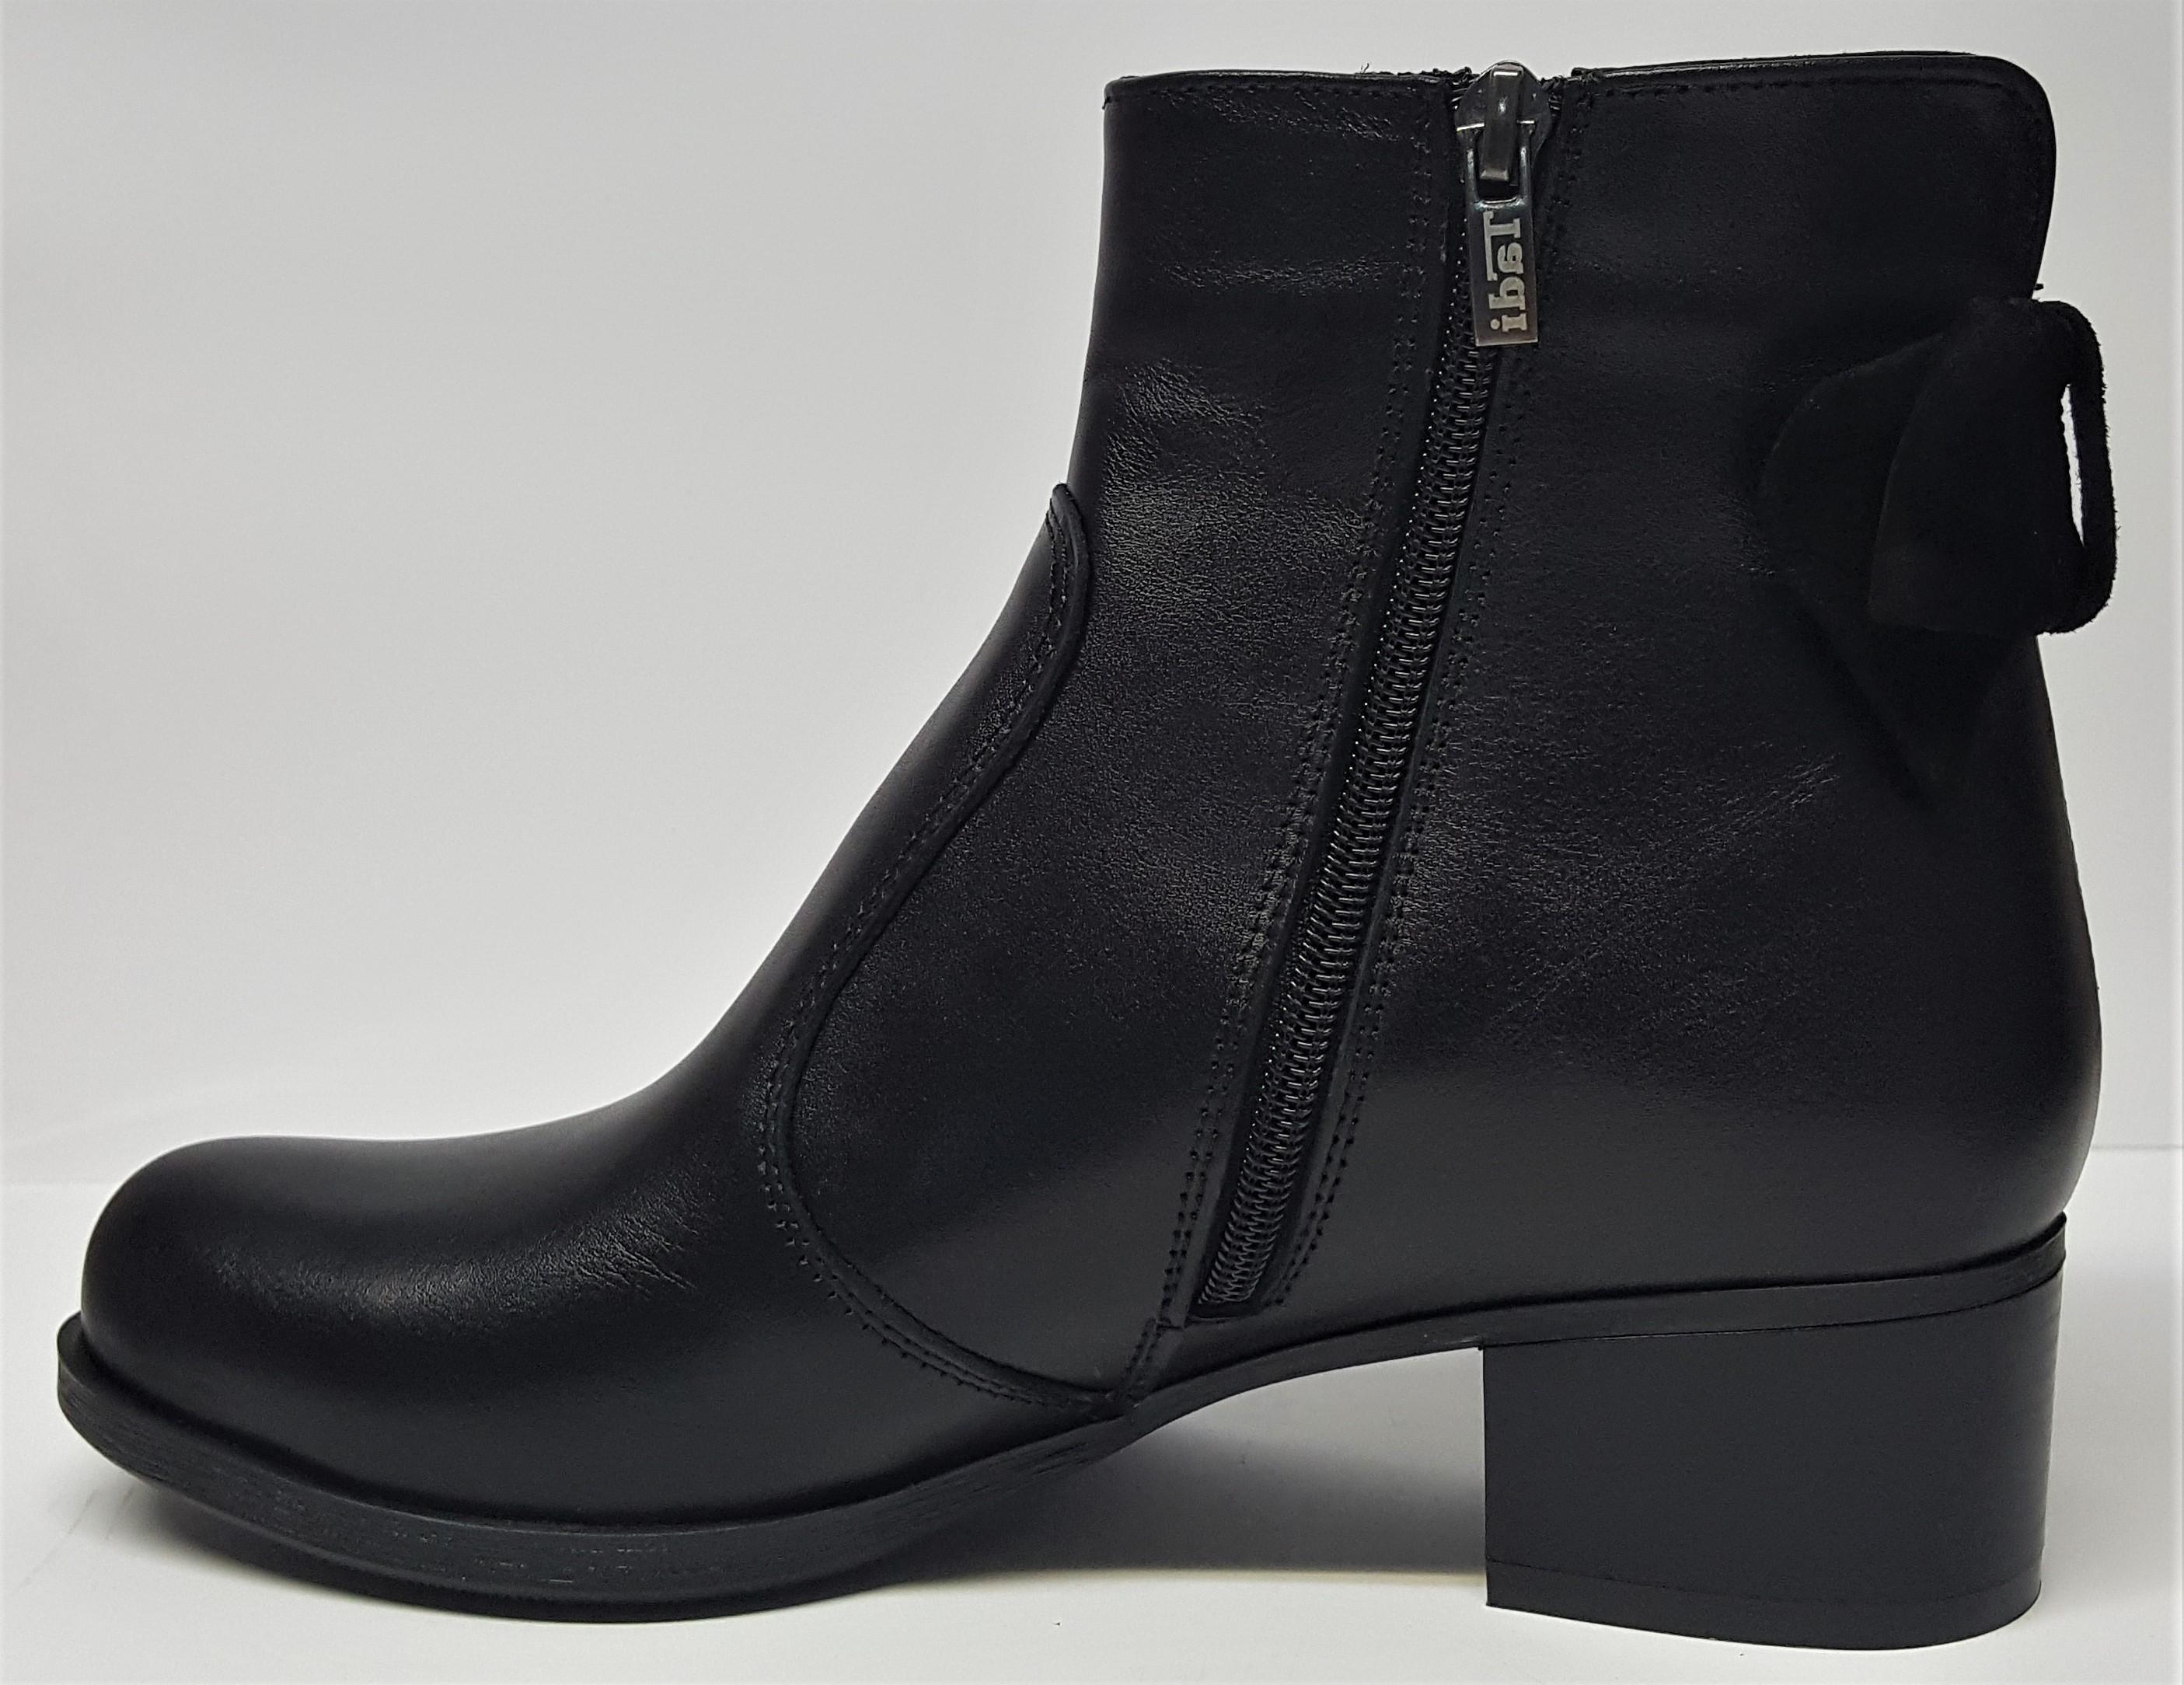 866a69948 Интернет магазин женской кожаной обуви от производителя в Украине ...